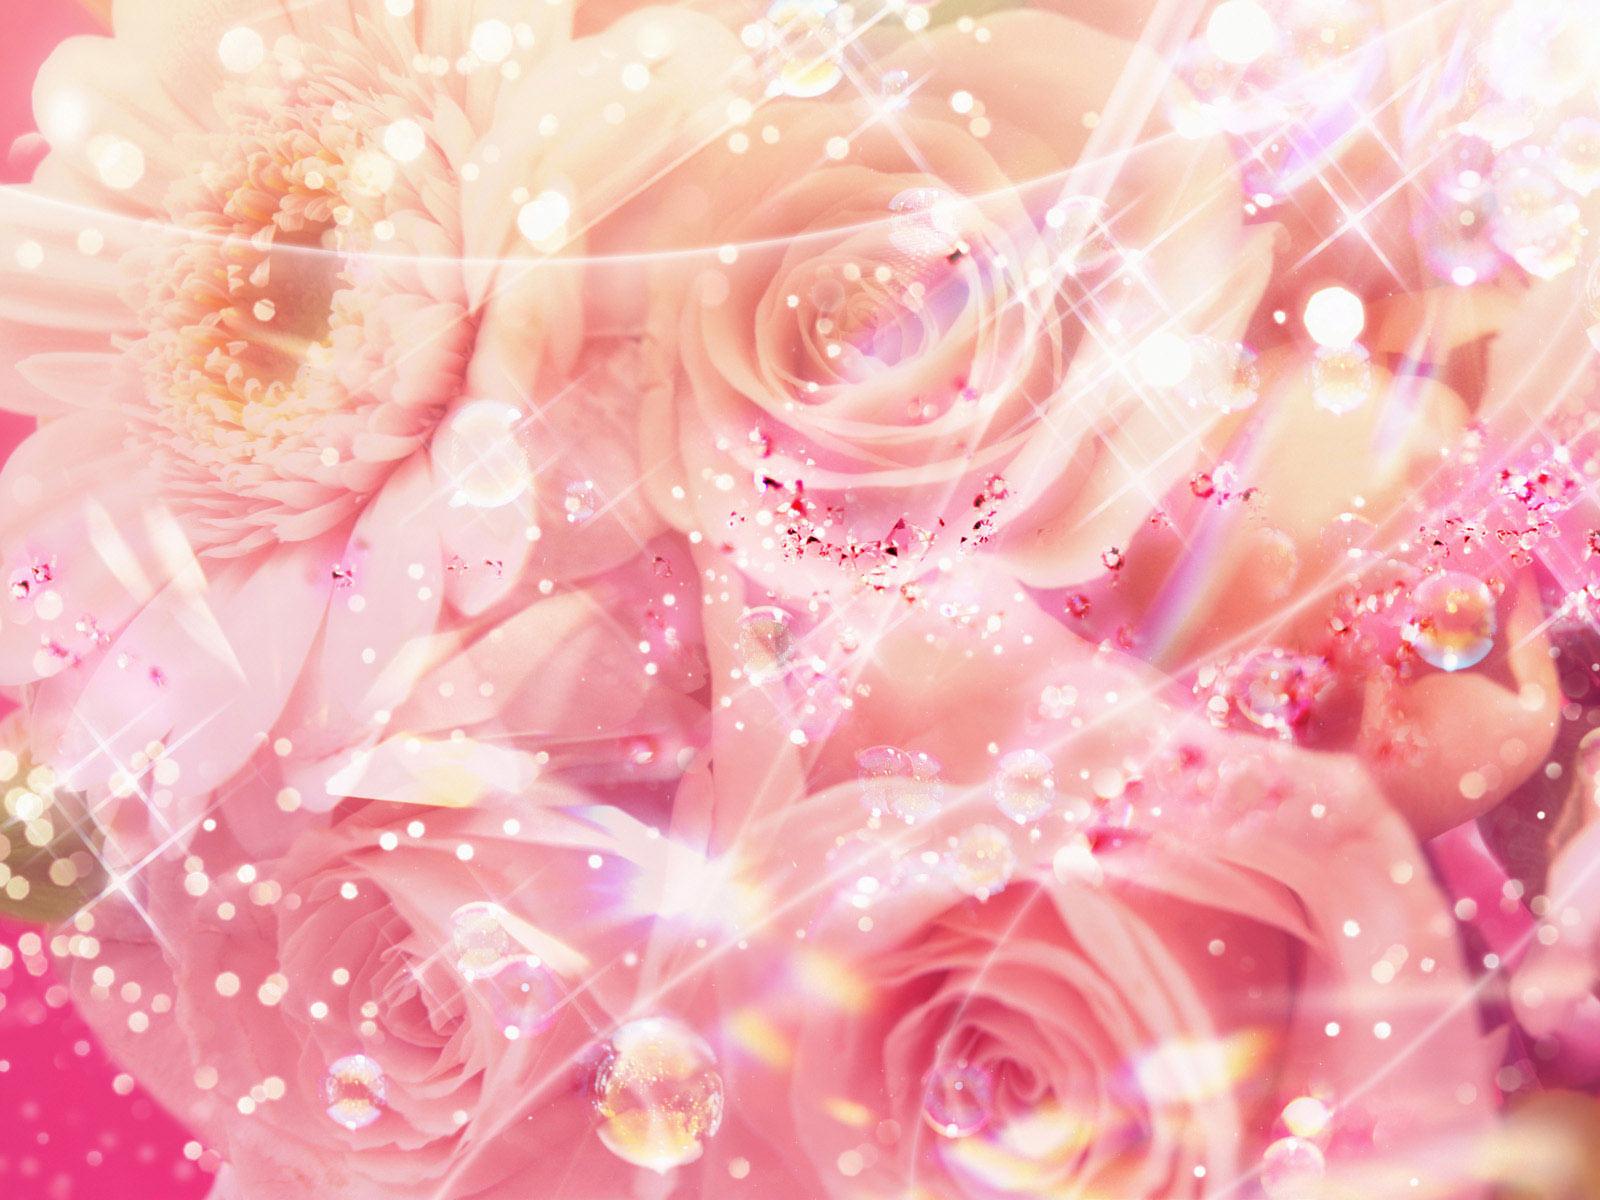 Pretty Pink Roses - Roses Wallpaper (34610926) - Fanpop